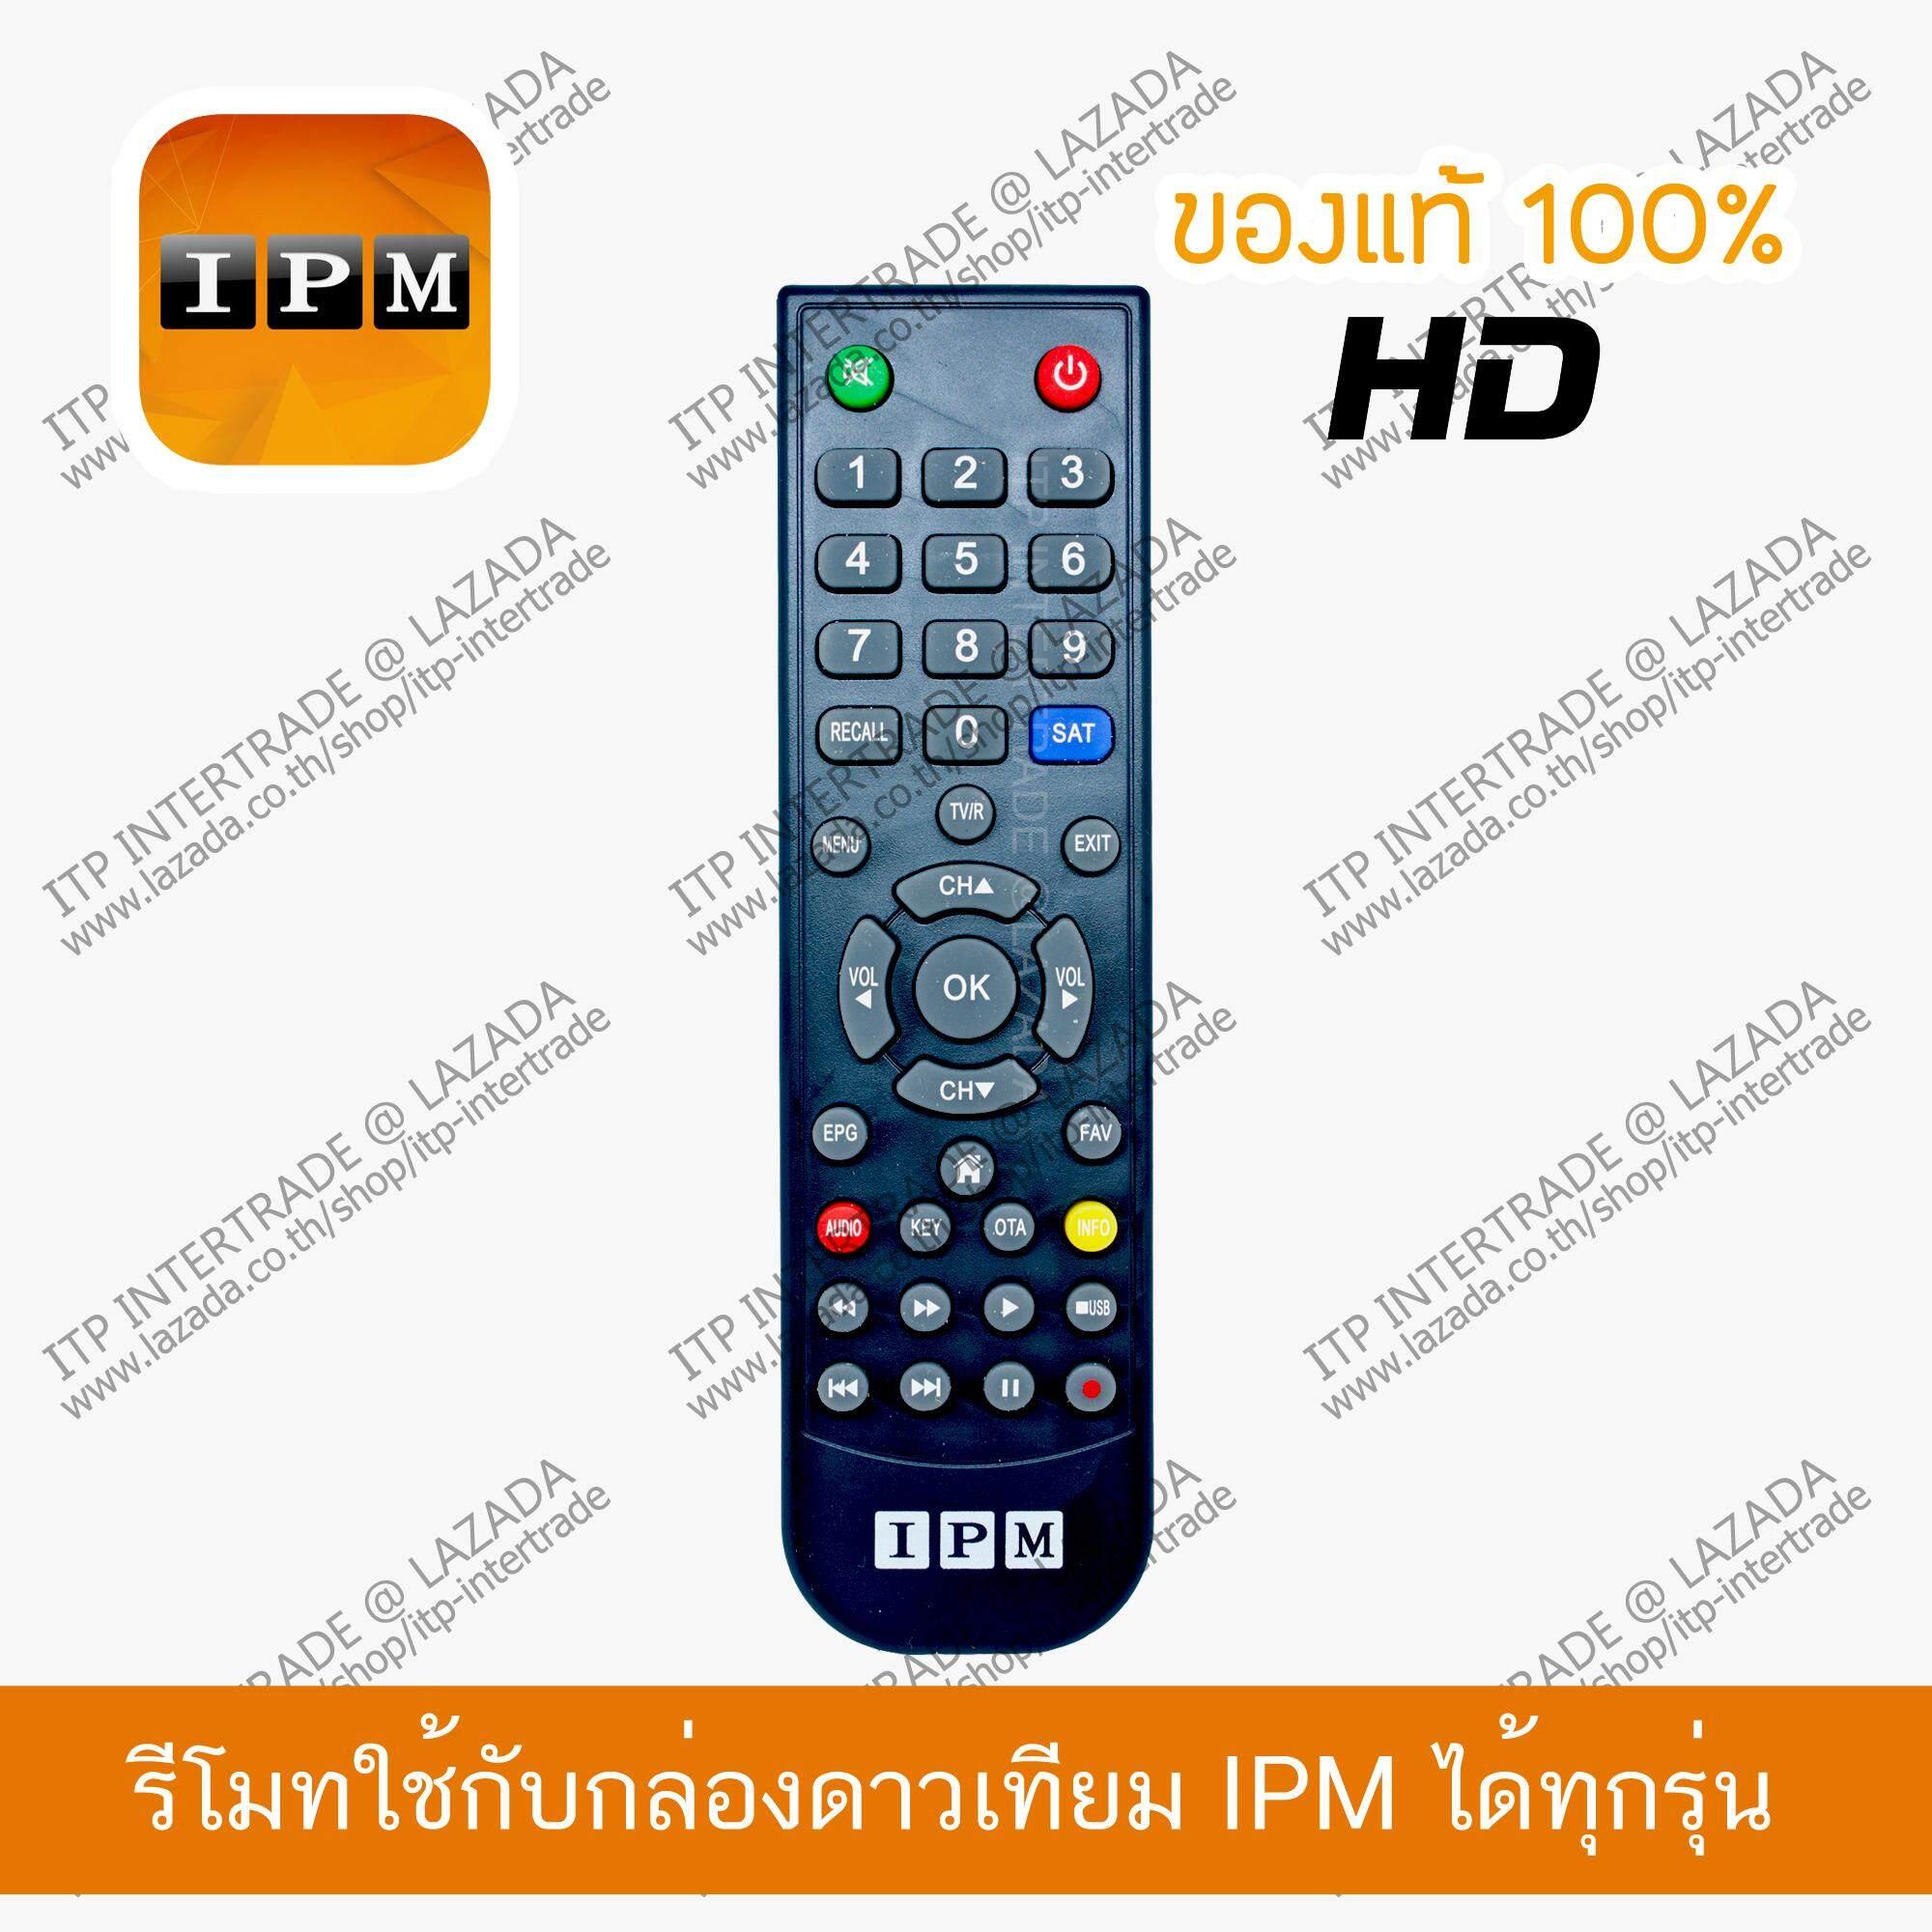 เก็บเงินปลายทางได้ IPM Remote HD รีโมทใช้กับกล่องดาวเทียม IPM ได้ทุกรุ่น ของแท้ 100% (ส่ง kerry ฟรี)